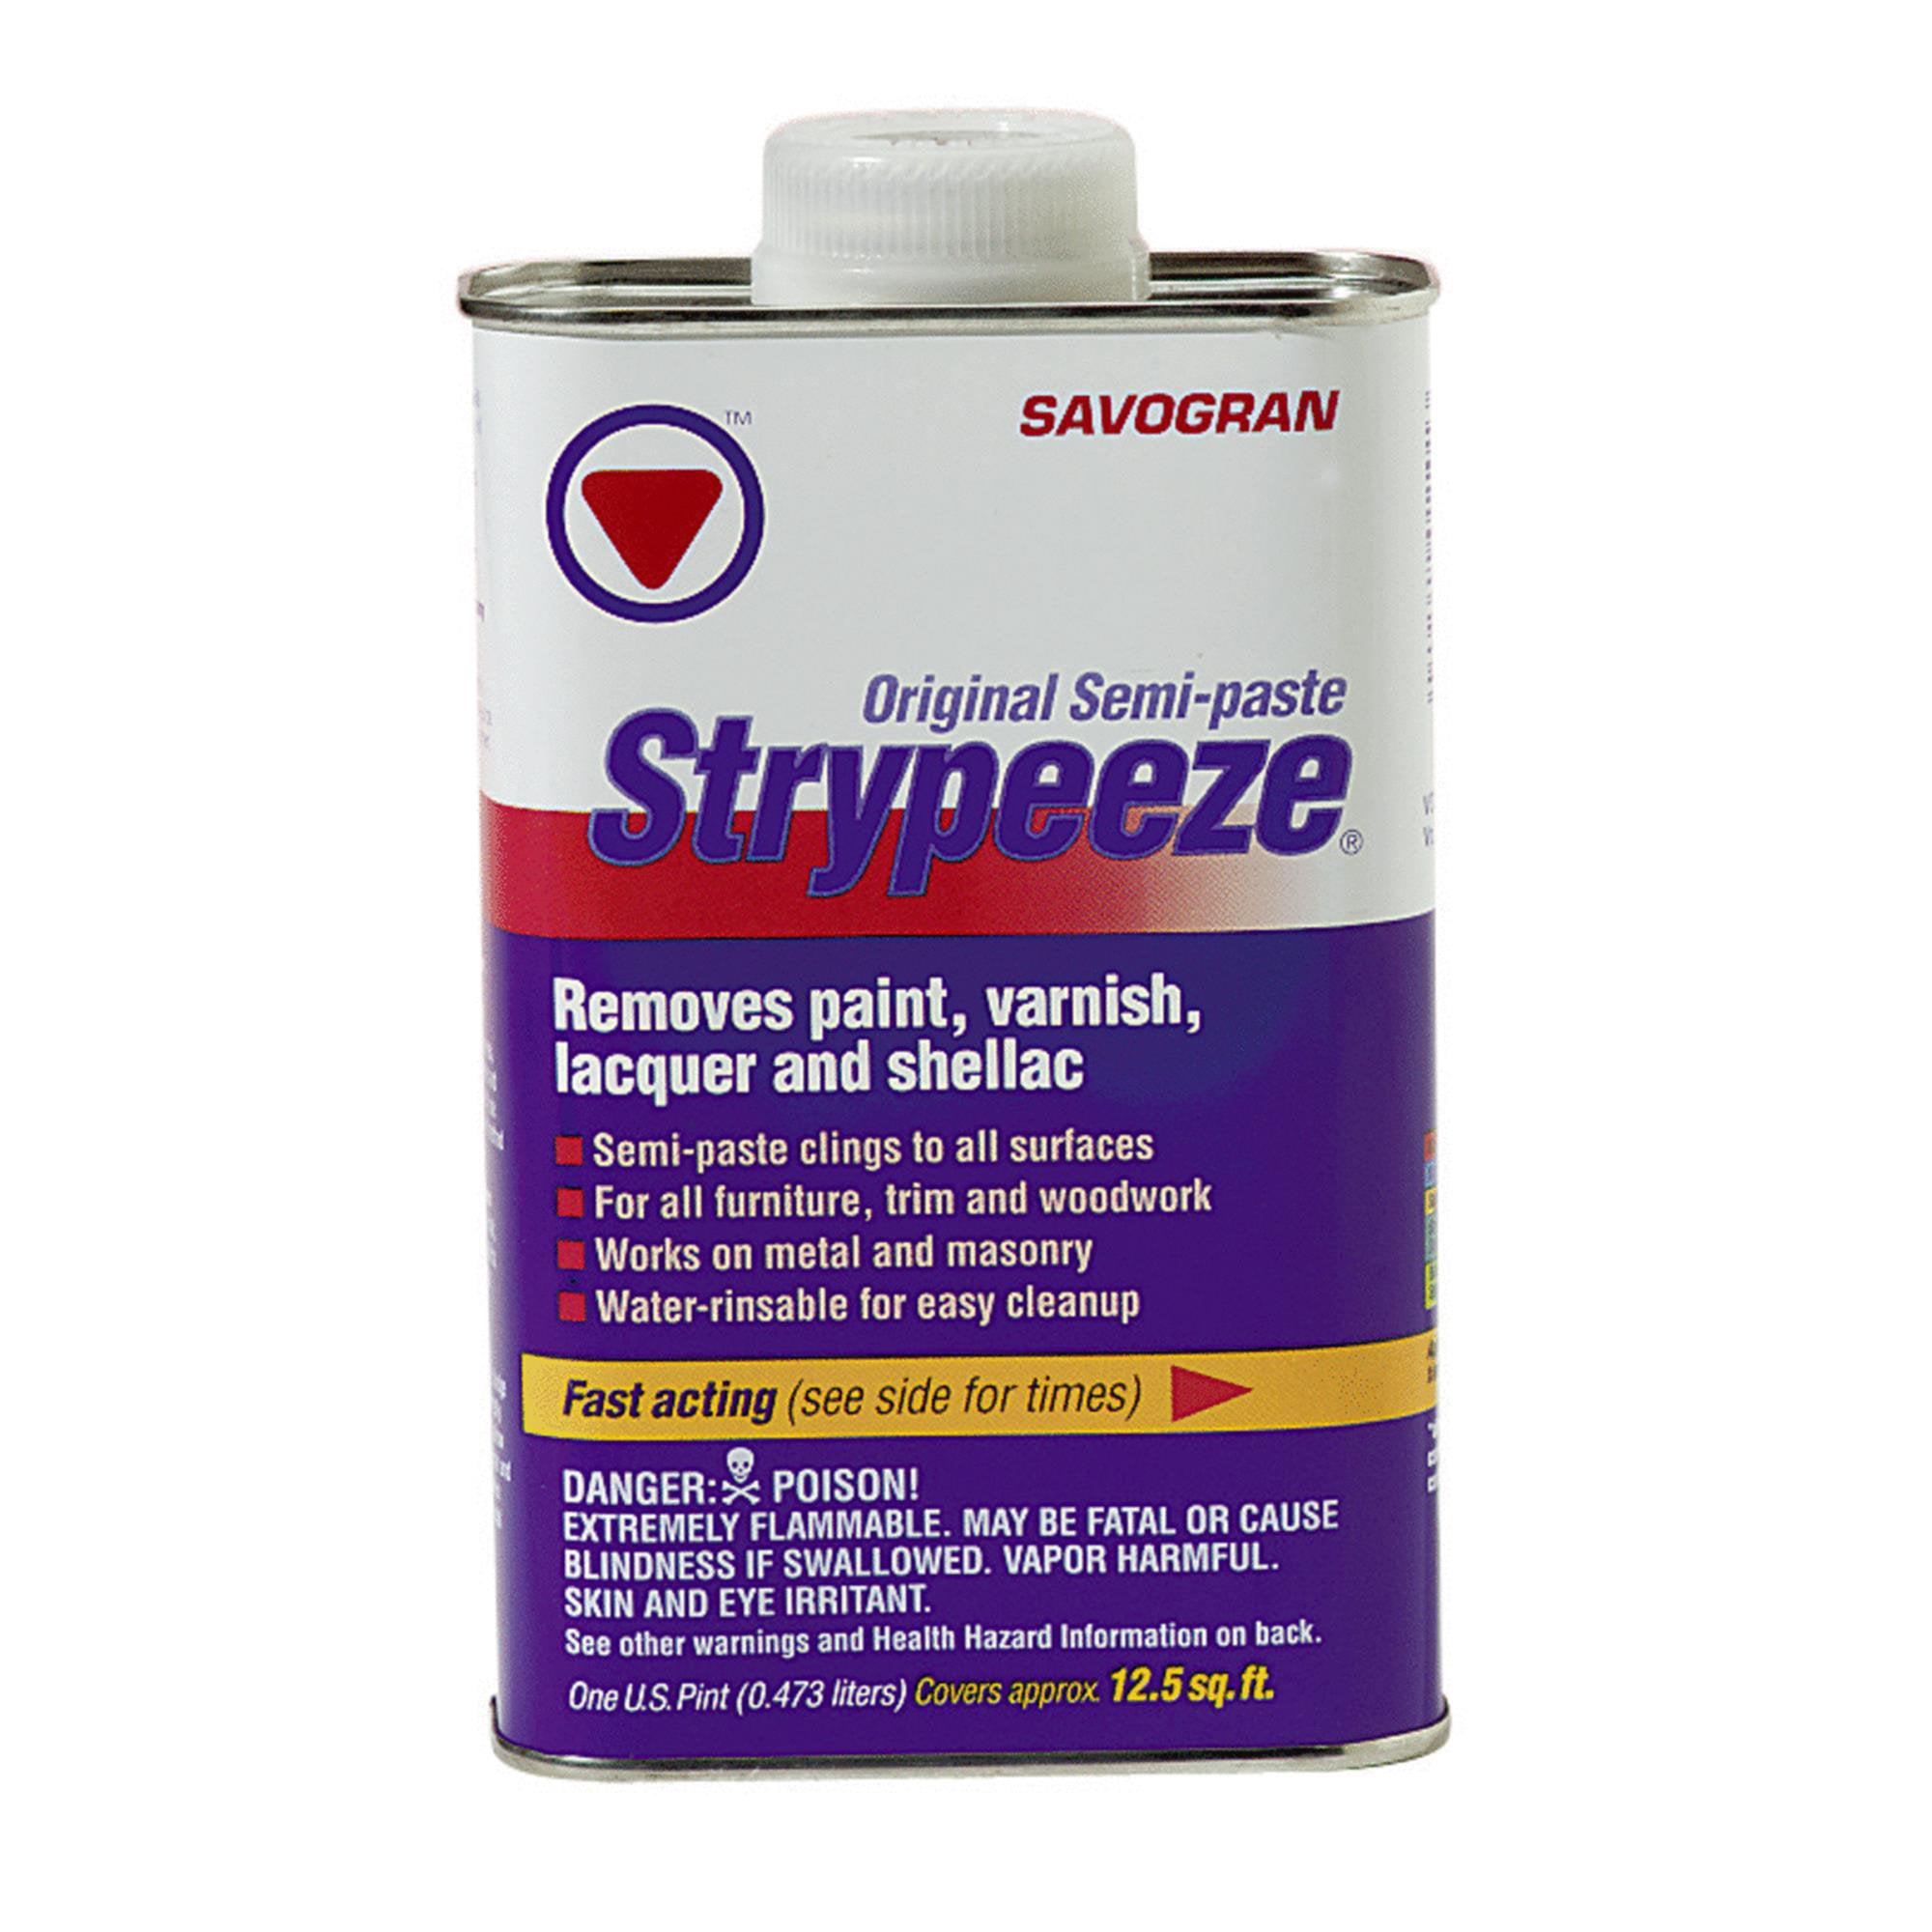 Savogran Strypeeze Paint & Varnish Stripper